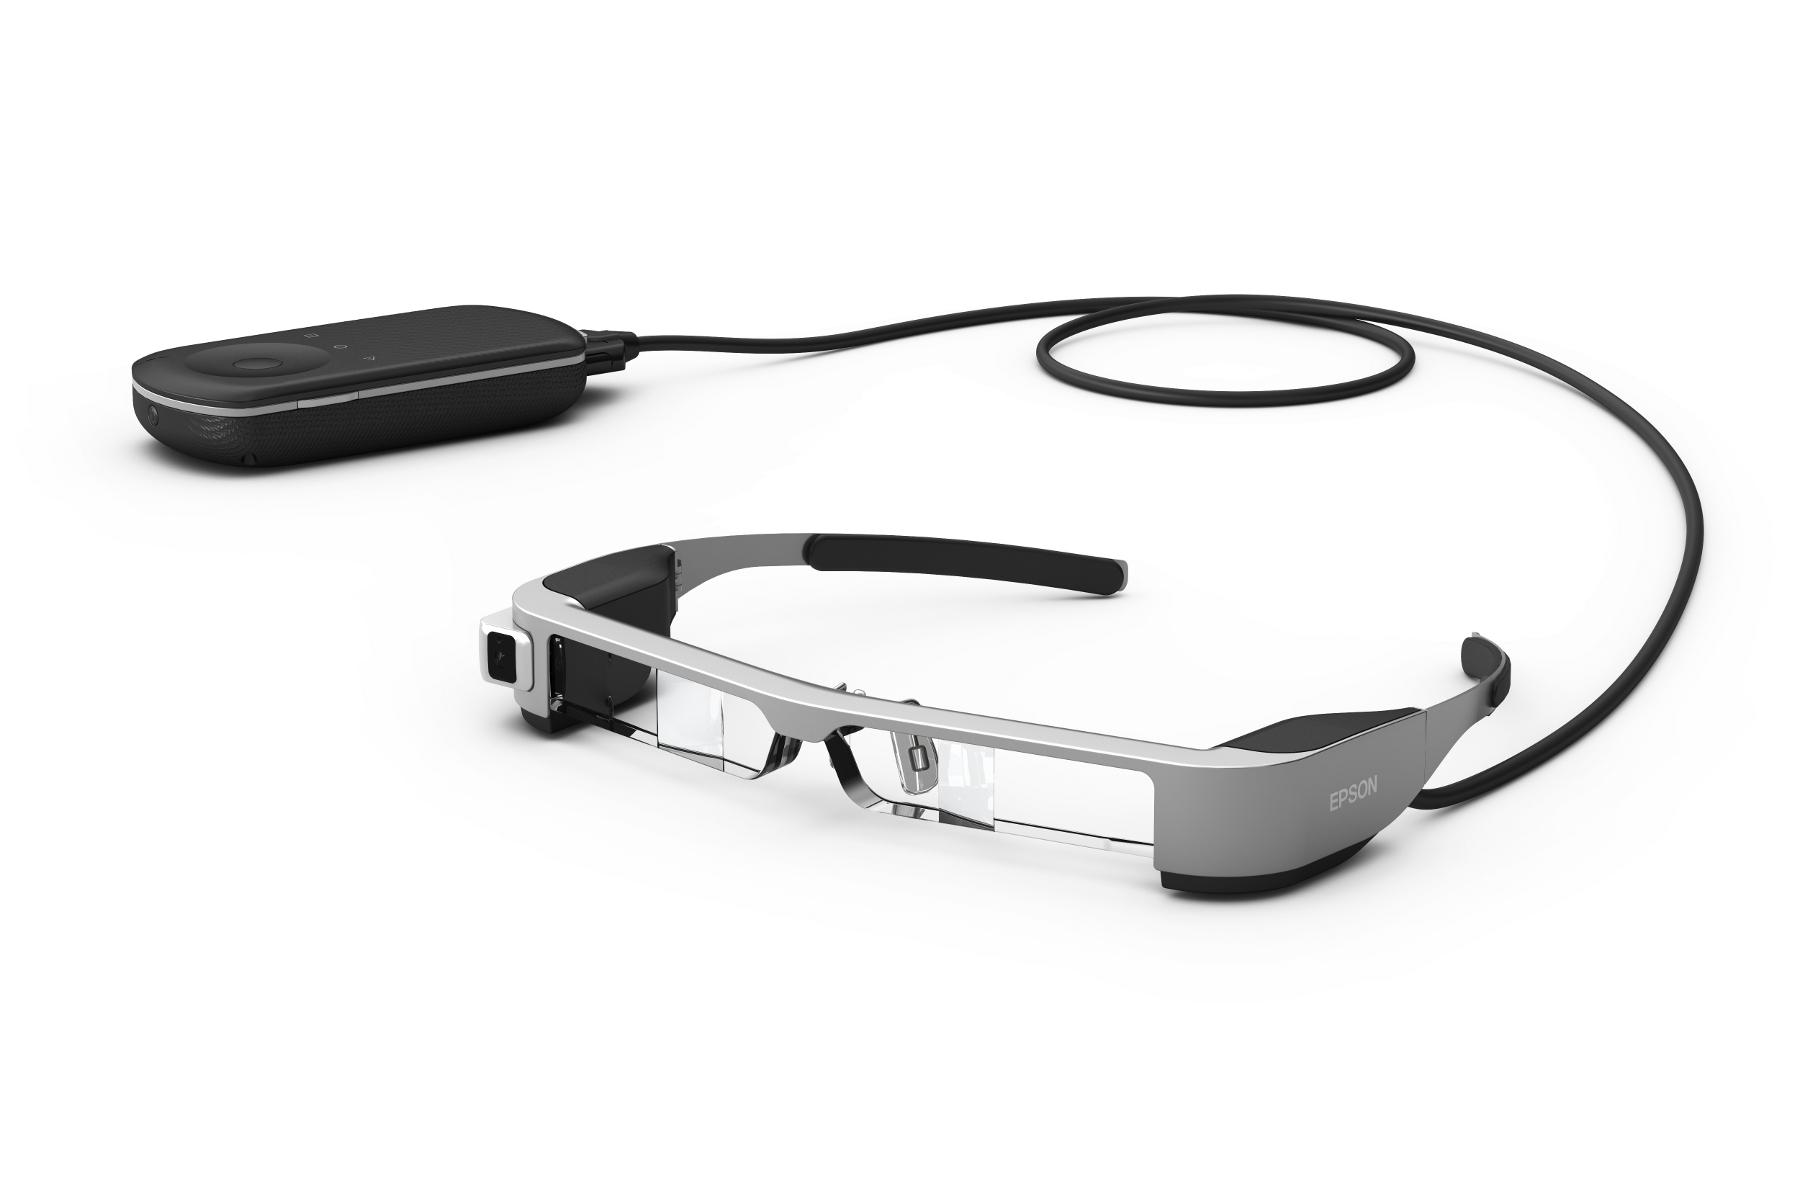 Купить очки гуглес для дрона в самара колпачки для защиты двигателей mavic на авито